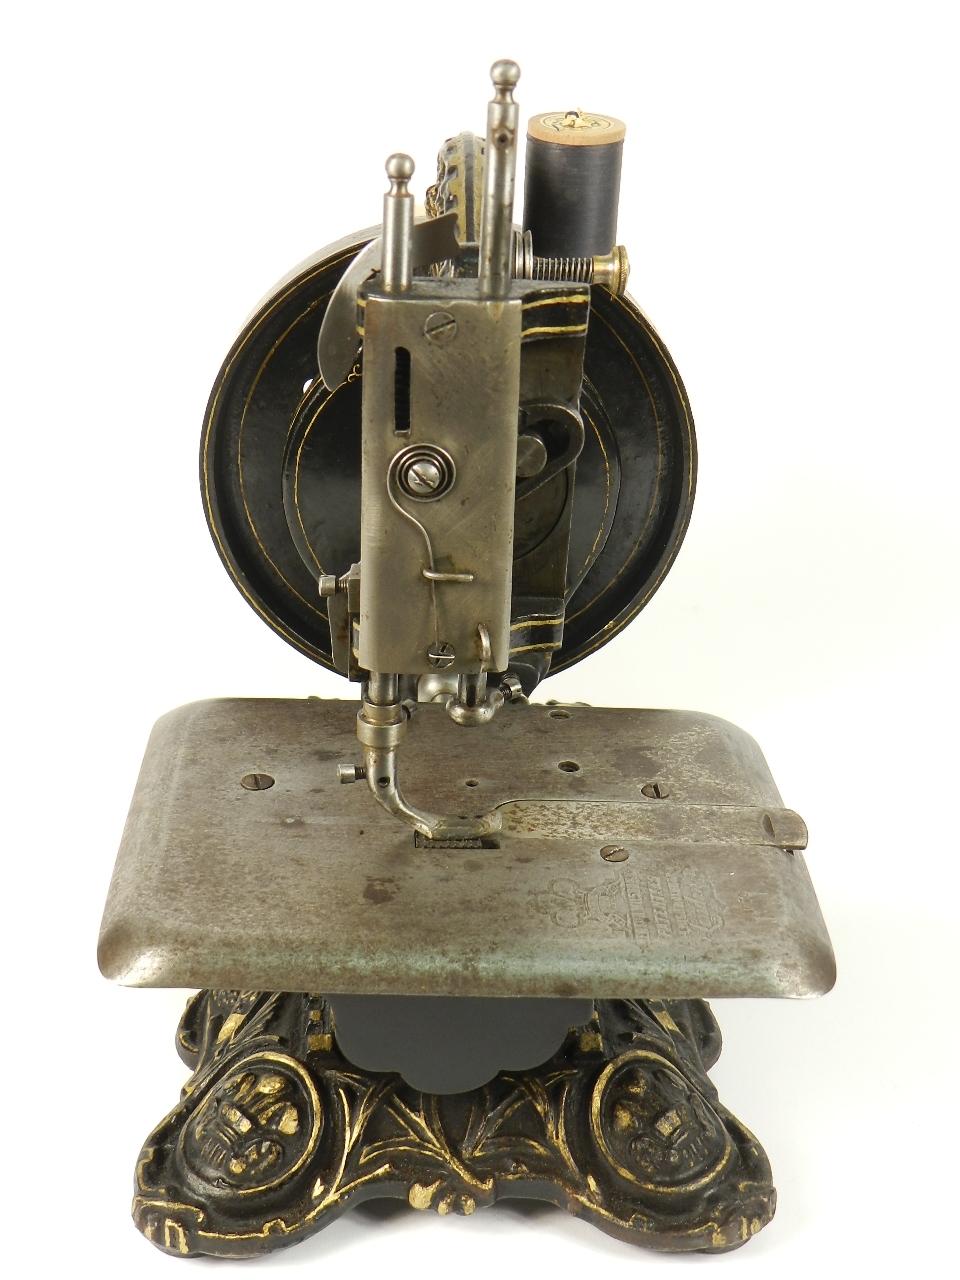 Imagen PRINCESS OF WALES AÑO 1878 33150